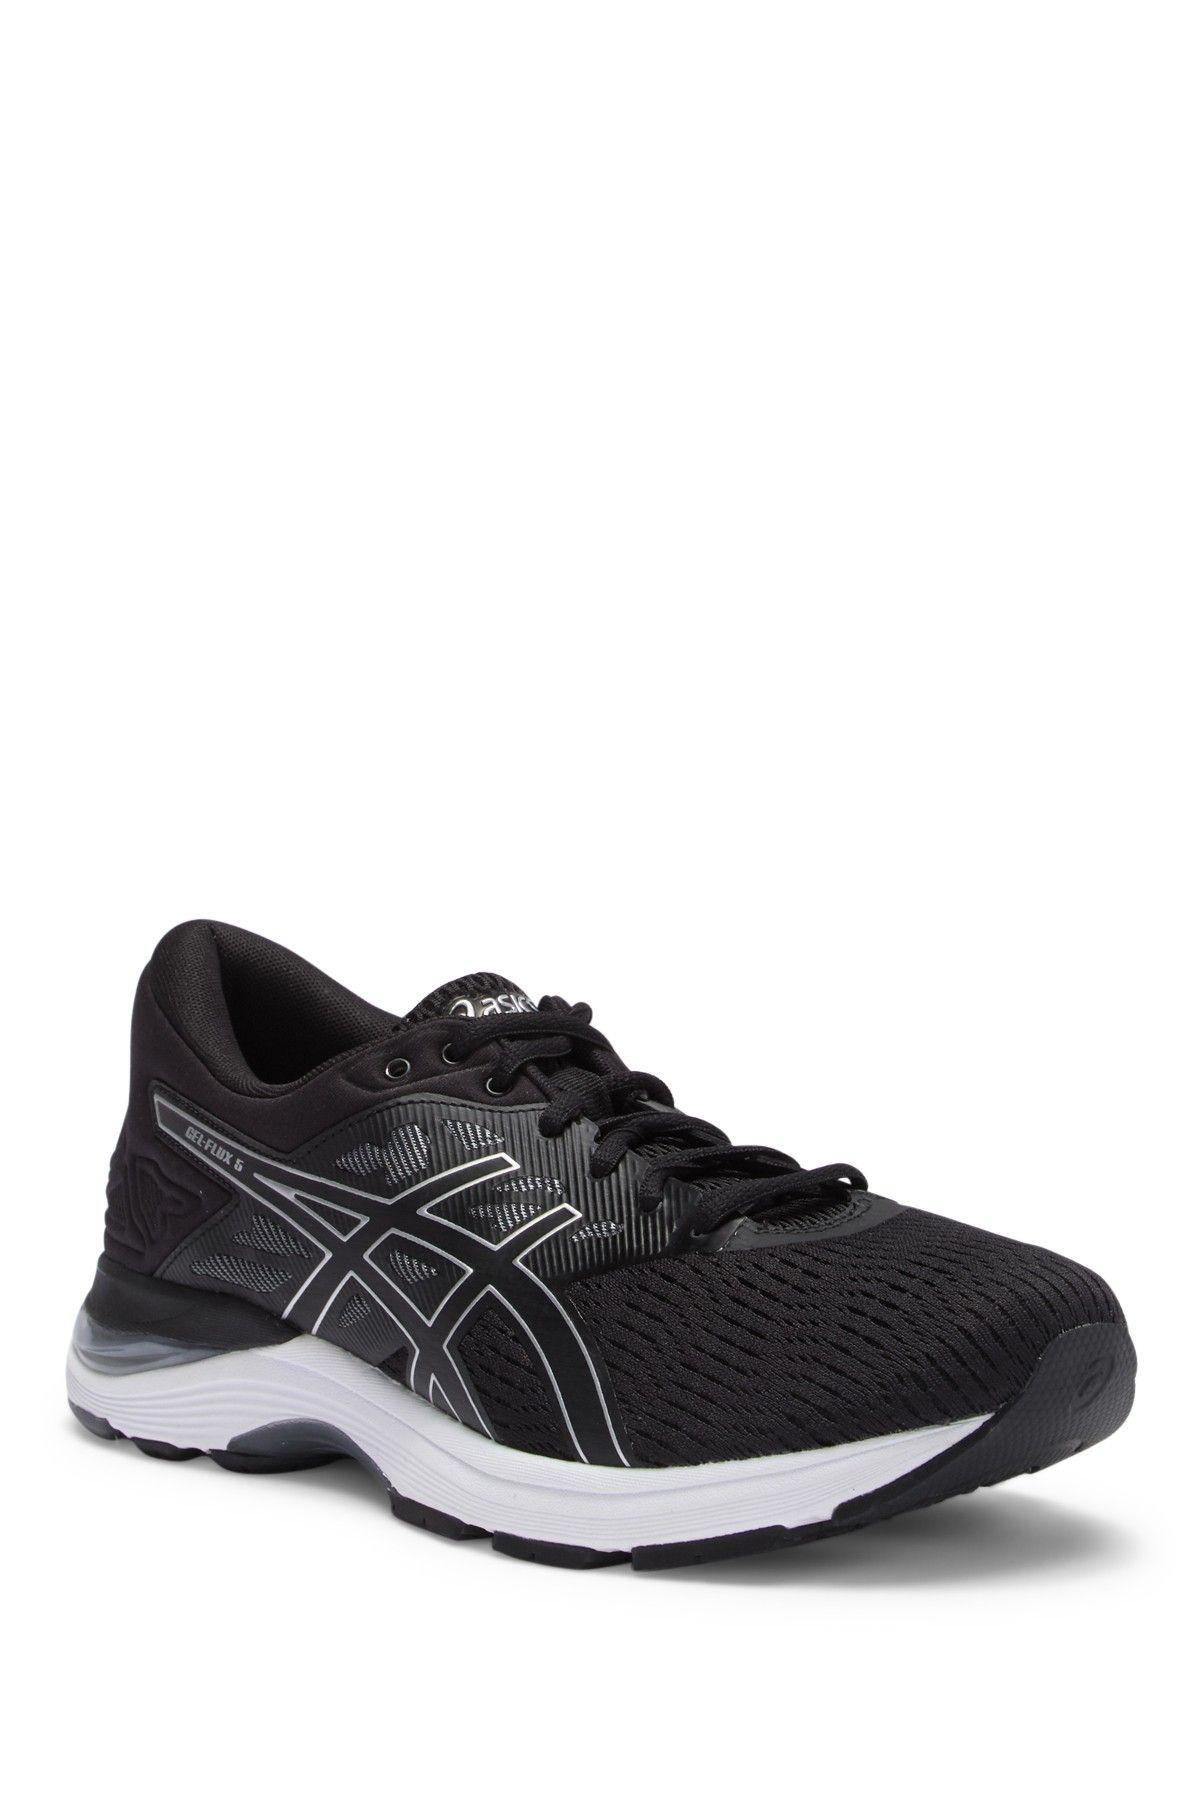 Asics Gel Flux 5 Running Sneaker Asics Shoes Running Sneakers Asics Gel Sneakers